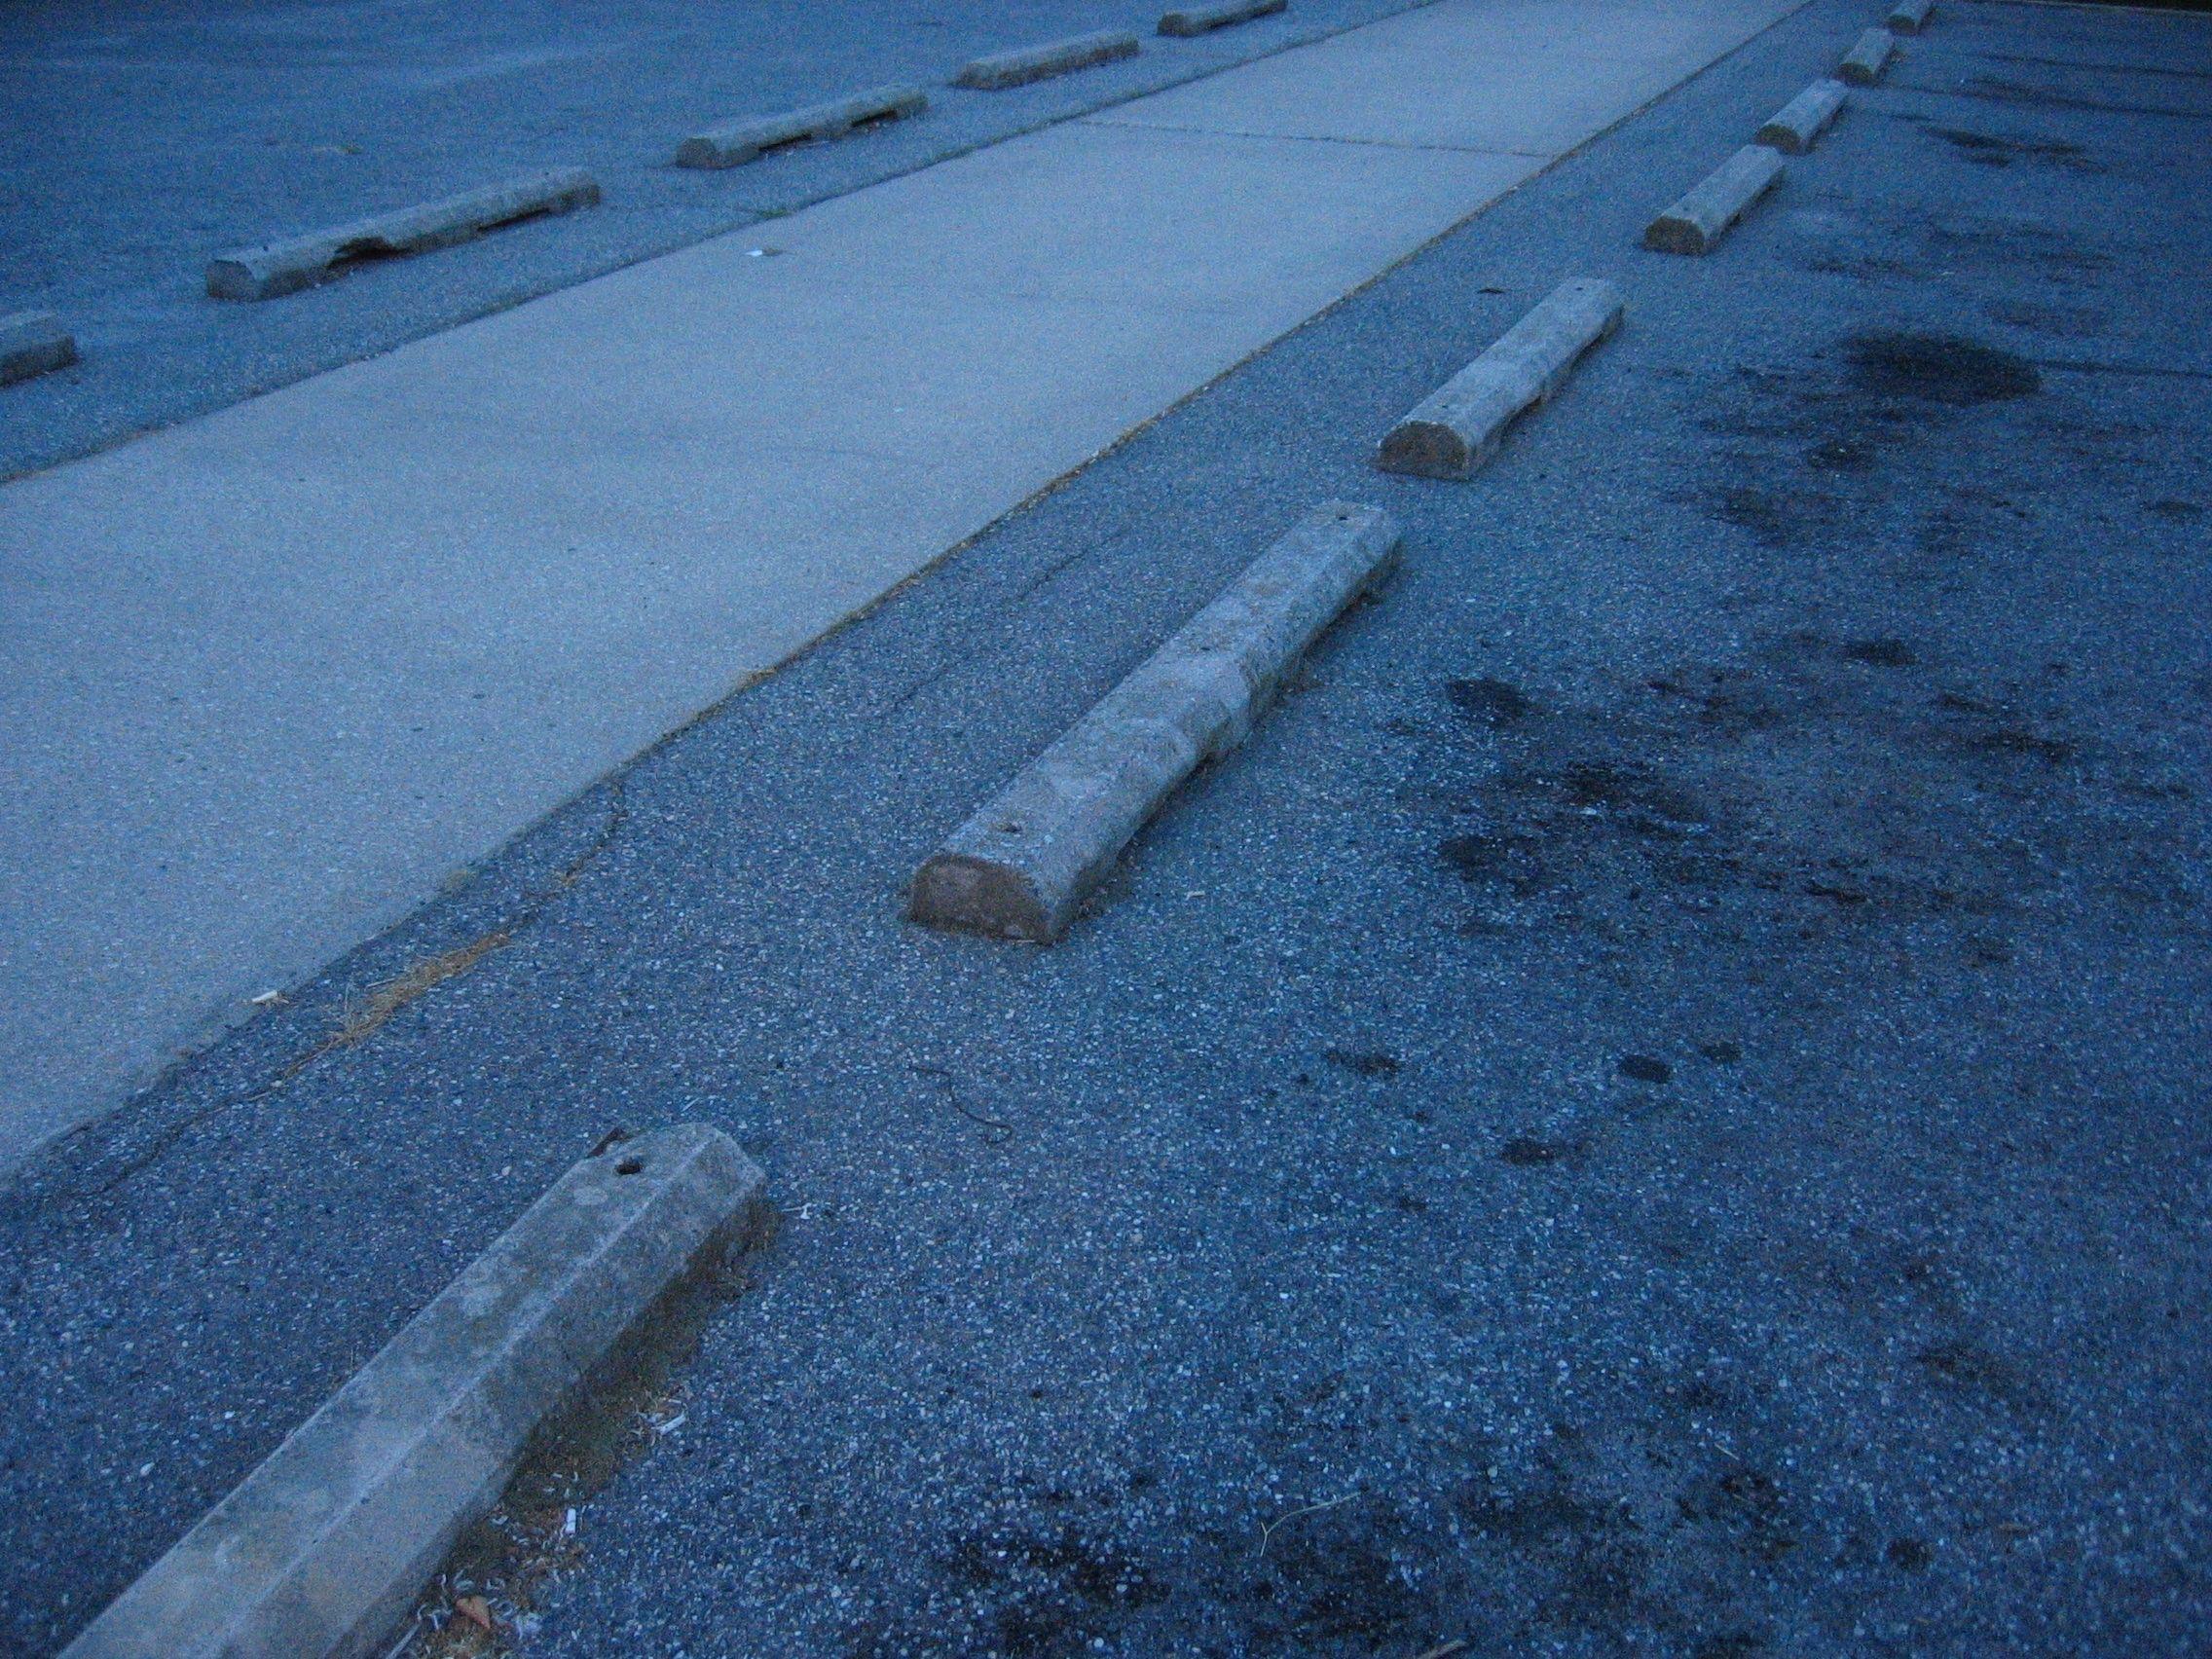 Pin By Jeff Yas On 181213 Turnpike Leaving Camptown Album Artwork Sidewalk Artwork Leaves